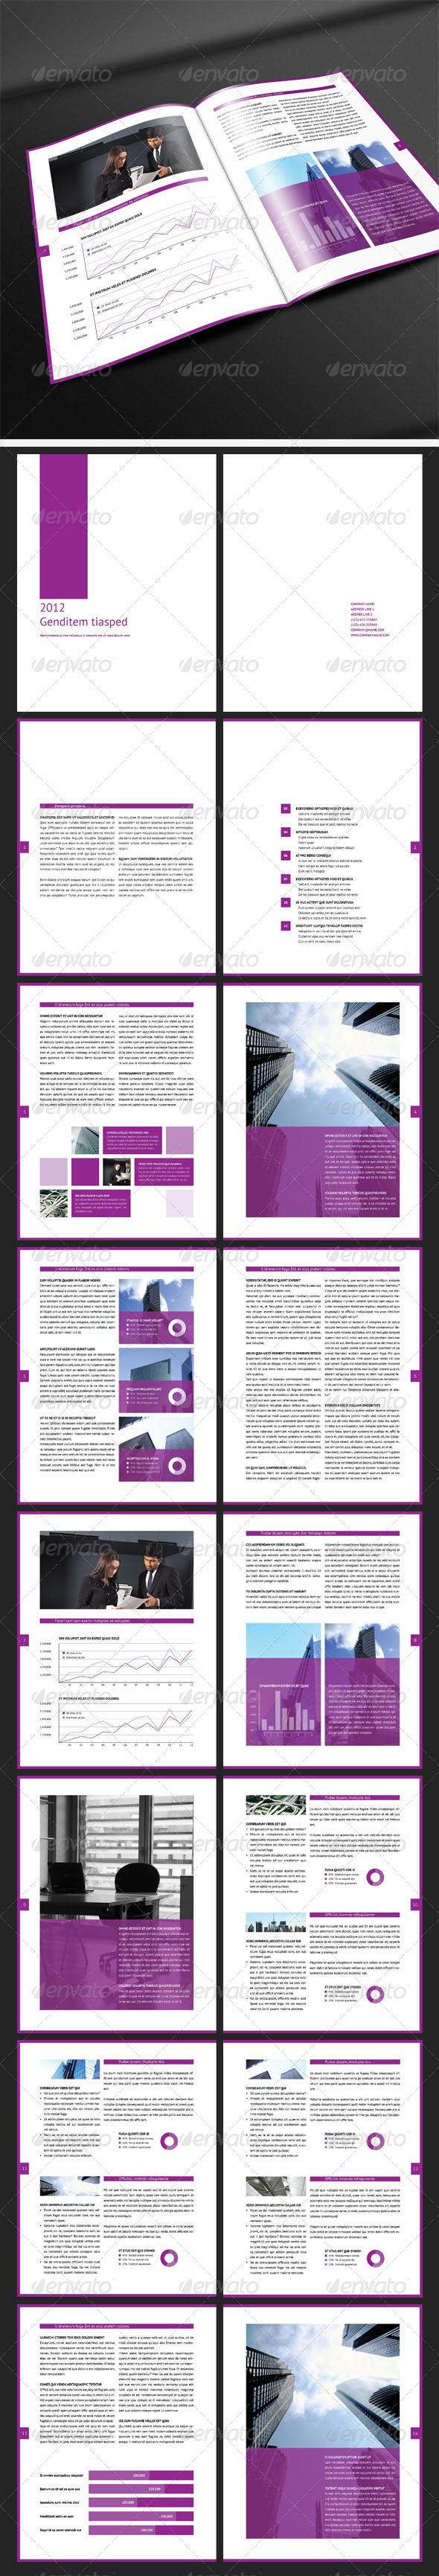 Corporate Brochure 19 - Corporate Brochures